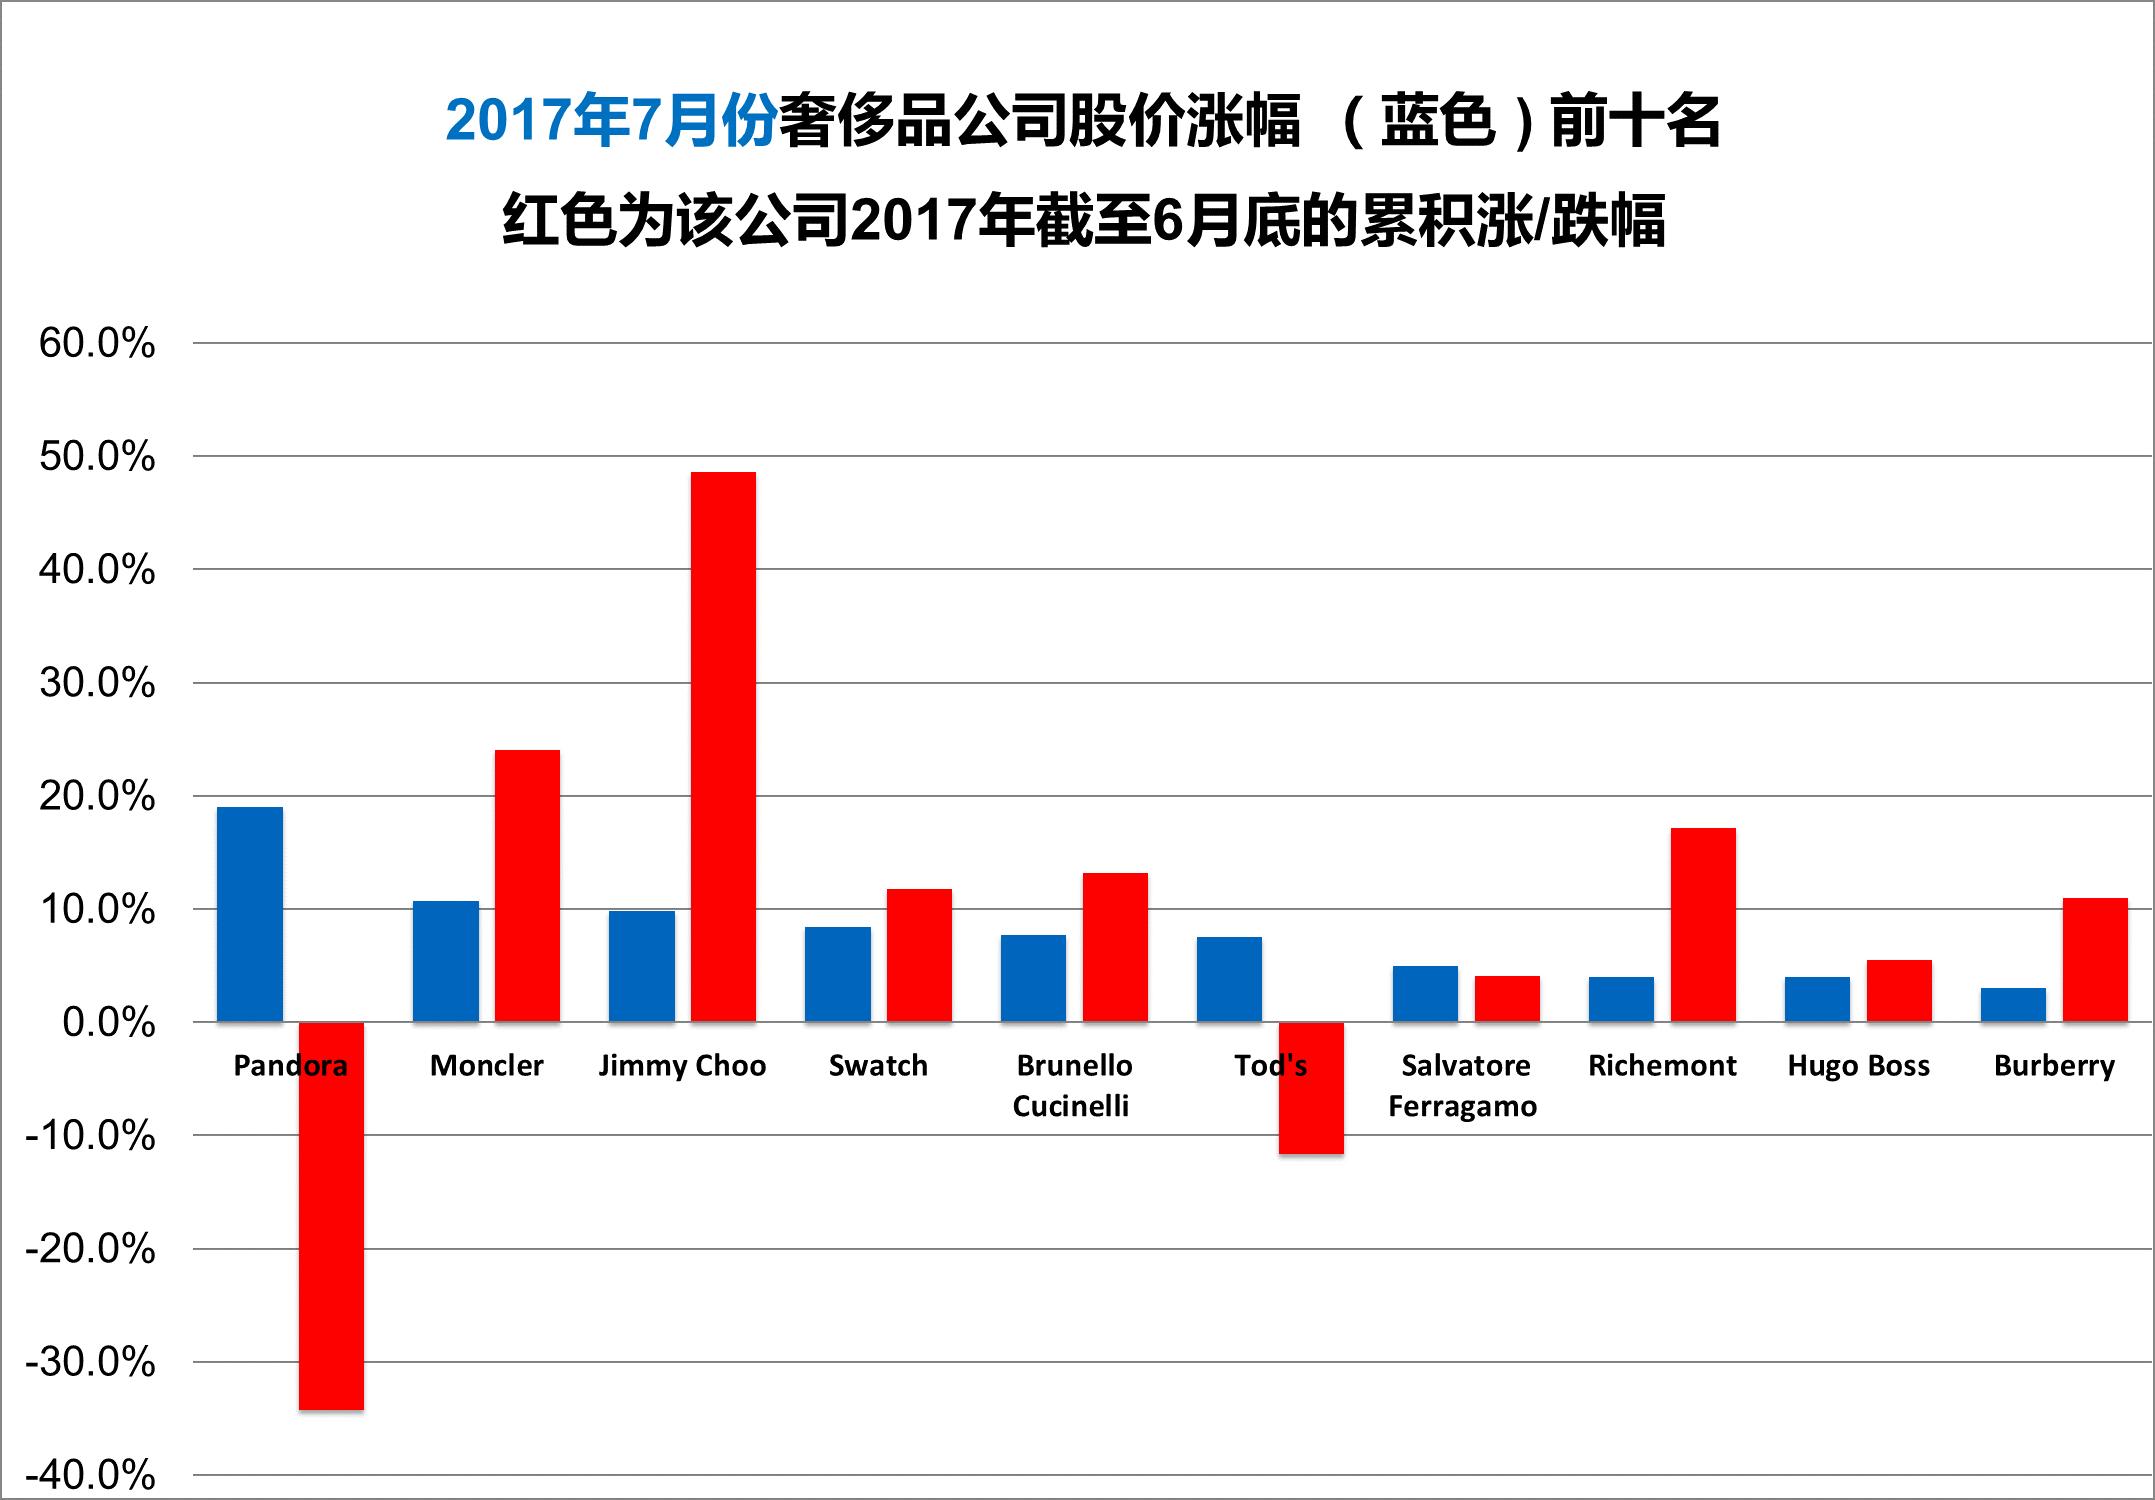 《华丽志》奢侈品股票月度排行榜(2017年7月)